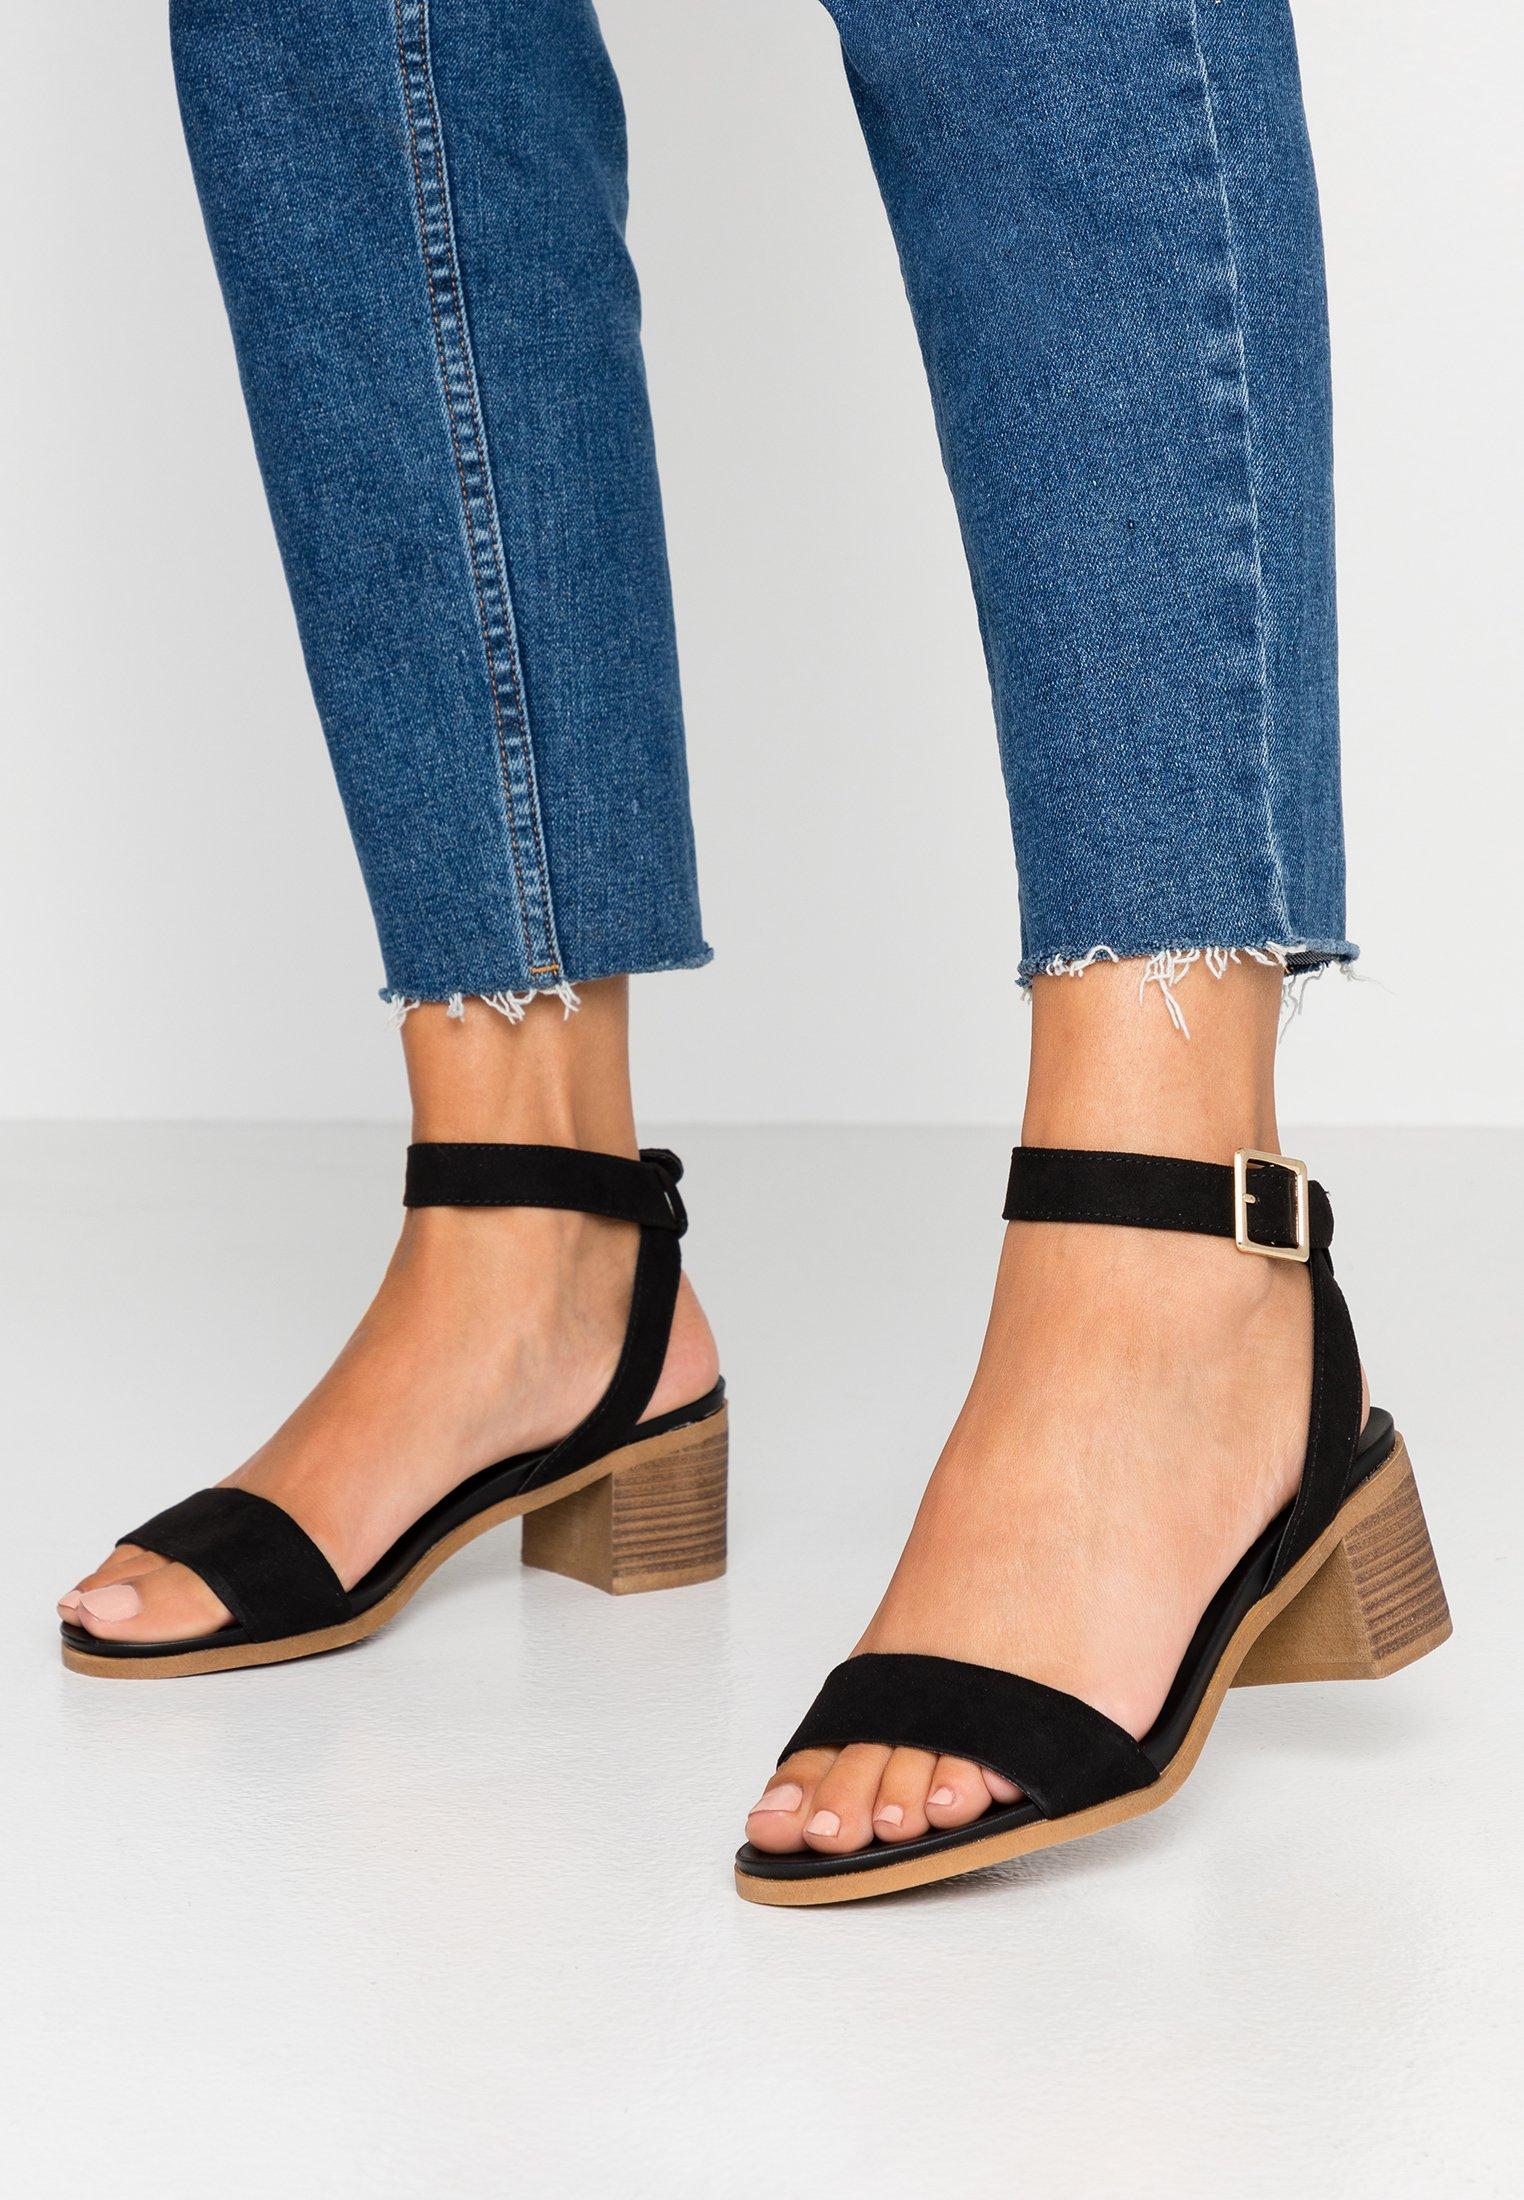 Footbed Stack Black HeelSandales Dorothy Comfort Perkins Barley 3u15FJcTKl